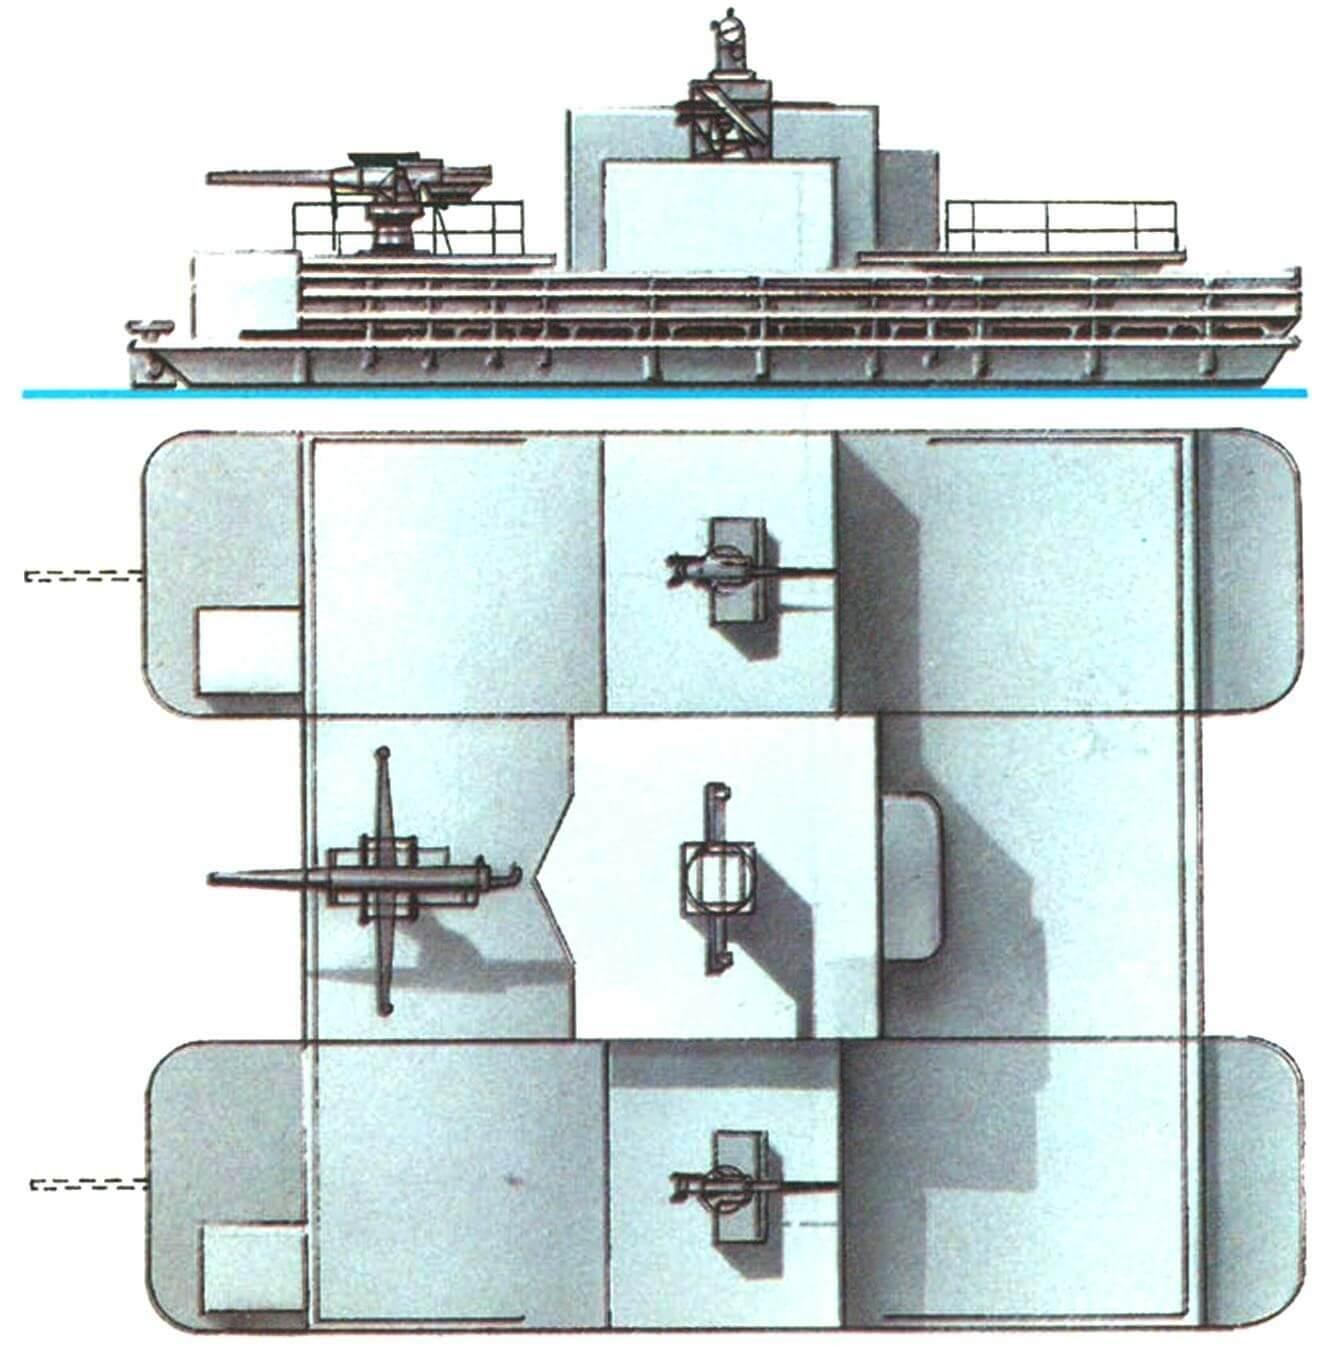 19. Десантный паром-плашкоут типа «Зибель» (вариант «Констанца»), Германия, 1942 г. Водоизмещение в грузу 150 т. Длина 22,0 м, ширина 13,7 м, осадка 0,9 м. Два бензиновых мотора общей мощностью 1500 л.с., скорость 10 узлов. Вооружение: одно 37-мм зенитное или 75-мм полевое орудие. Вместимостью 200 — 400 человек.